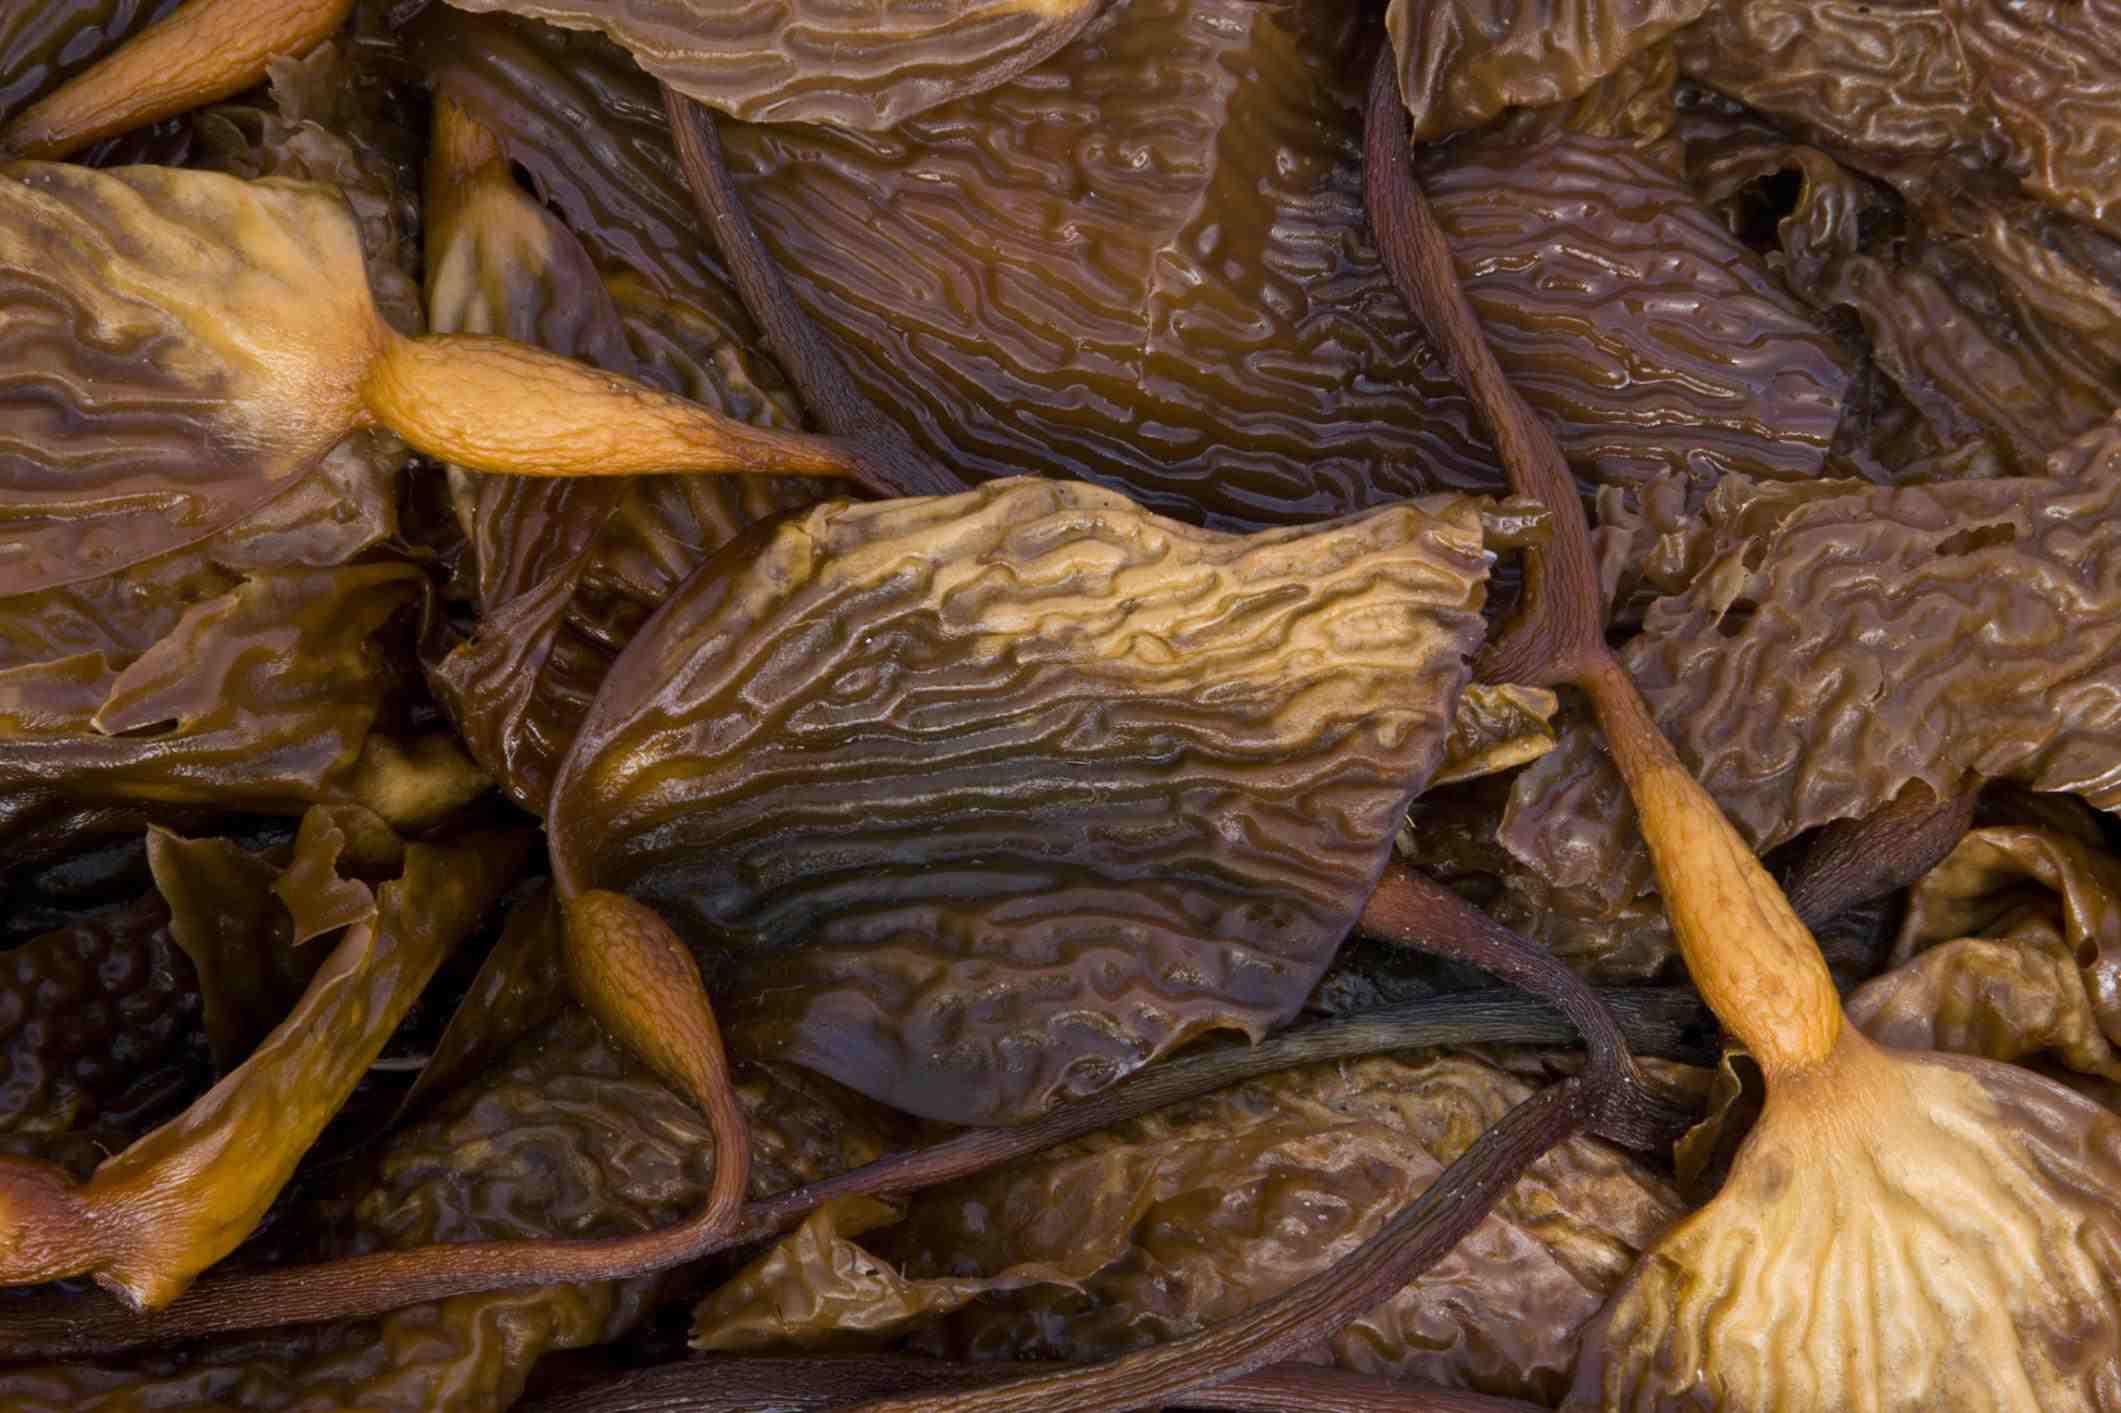 Kelp washed ashore